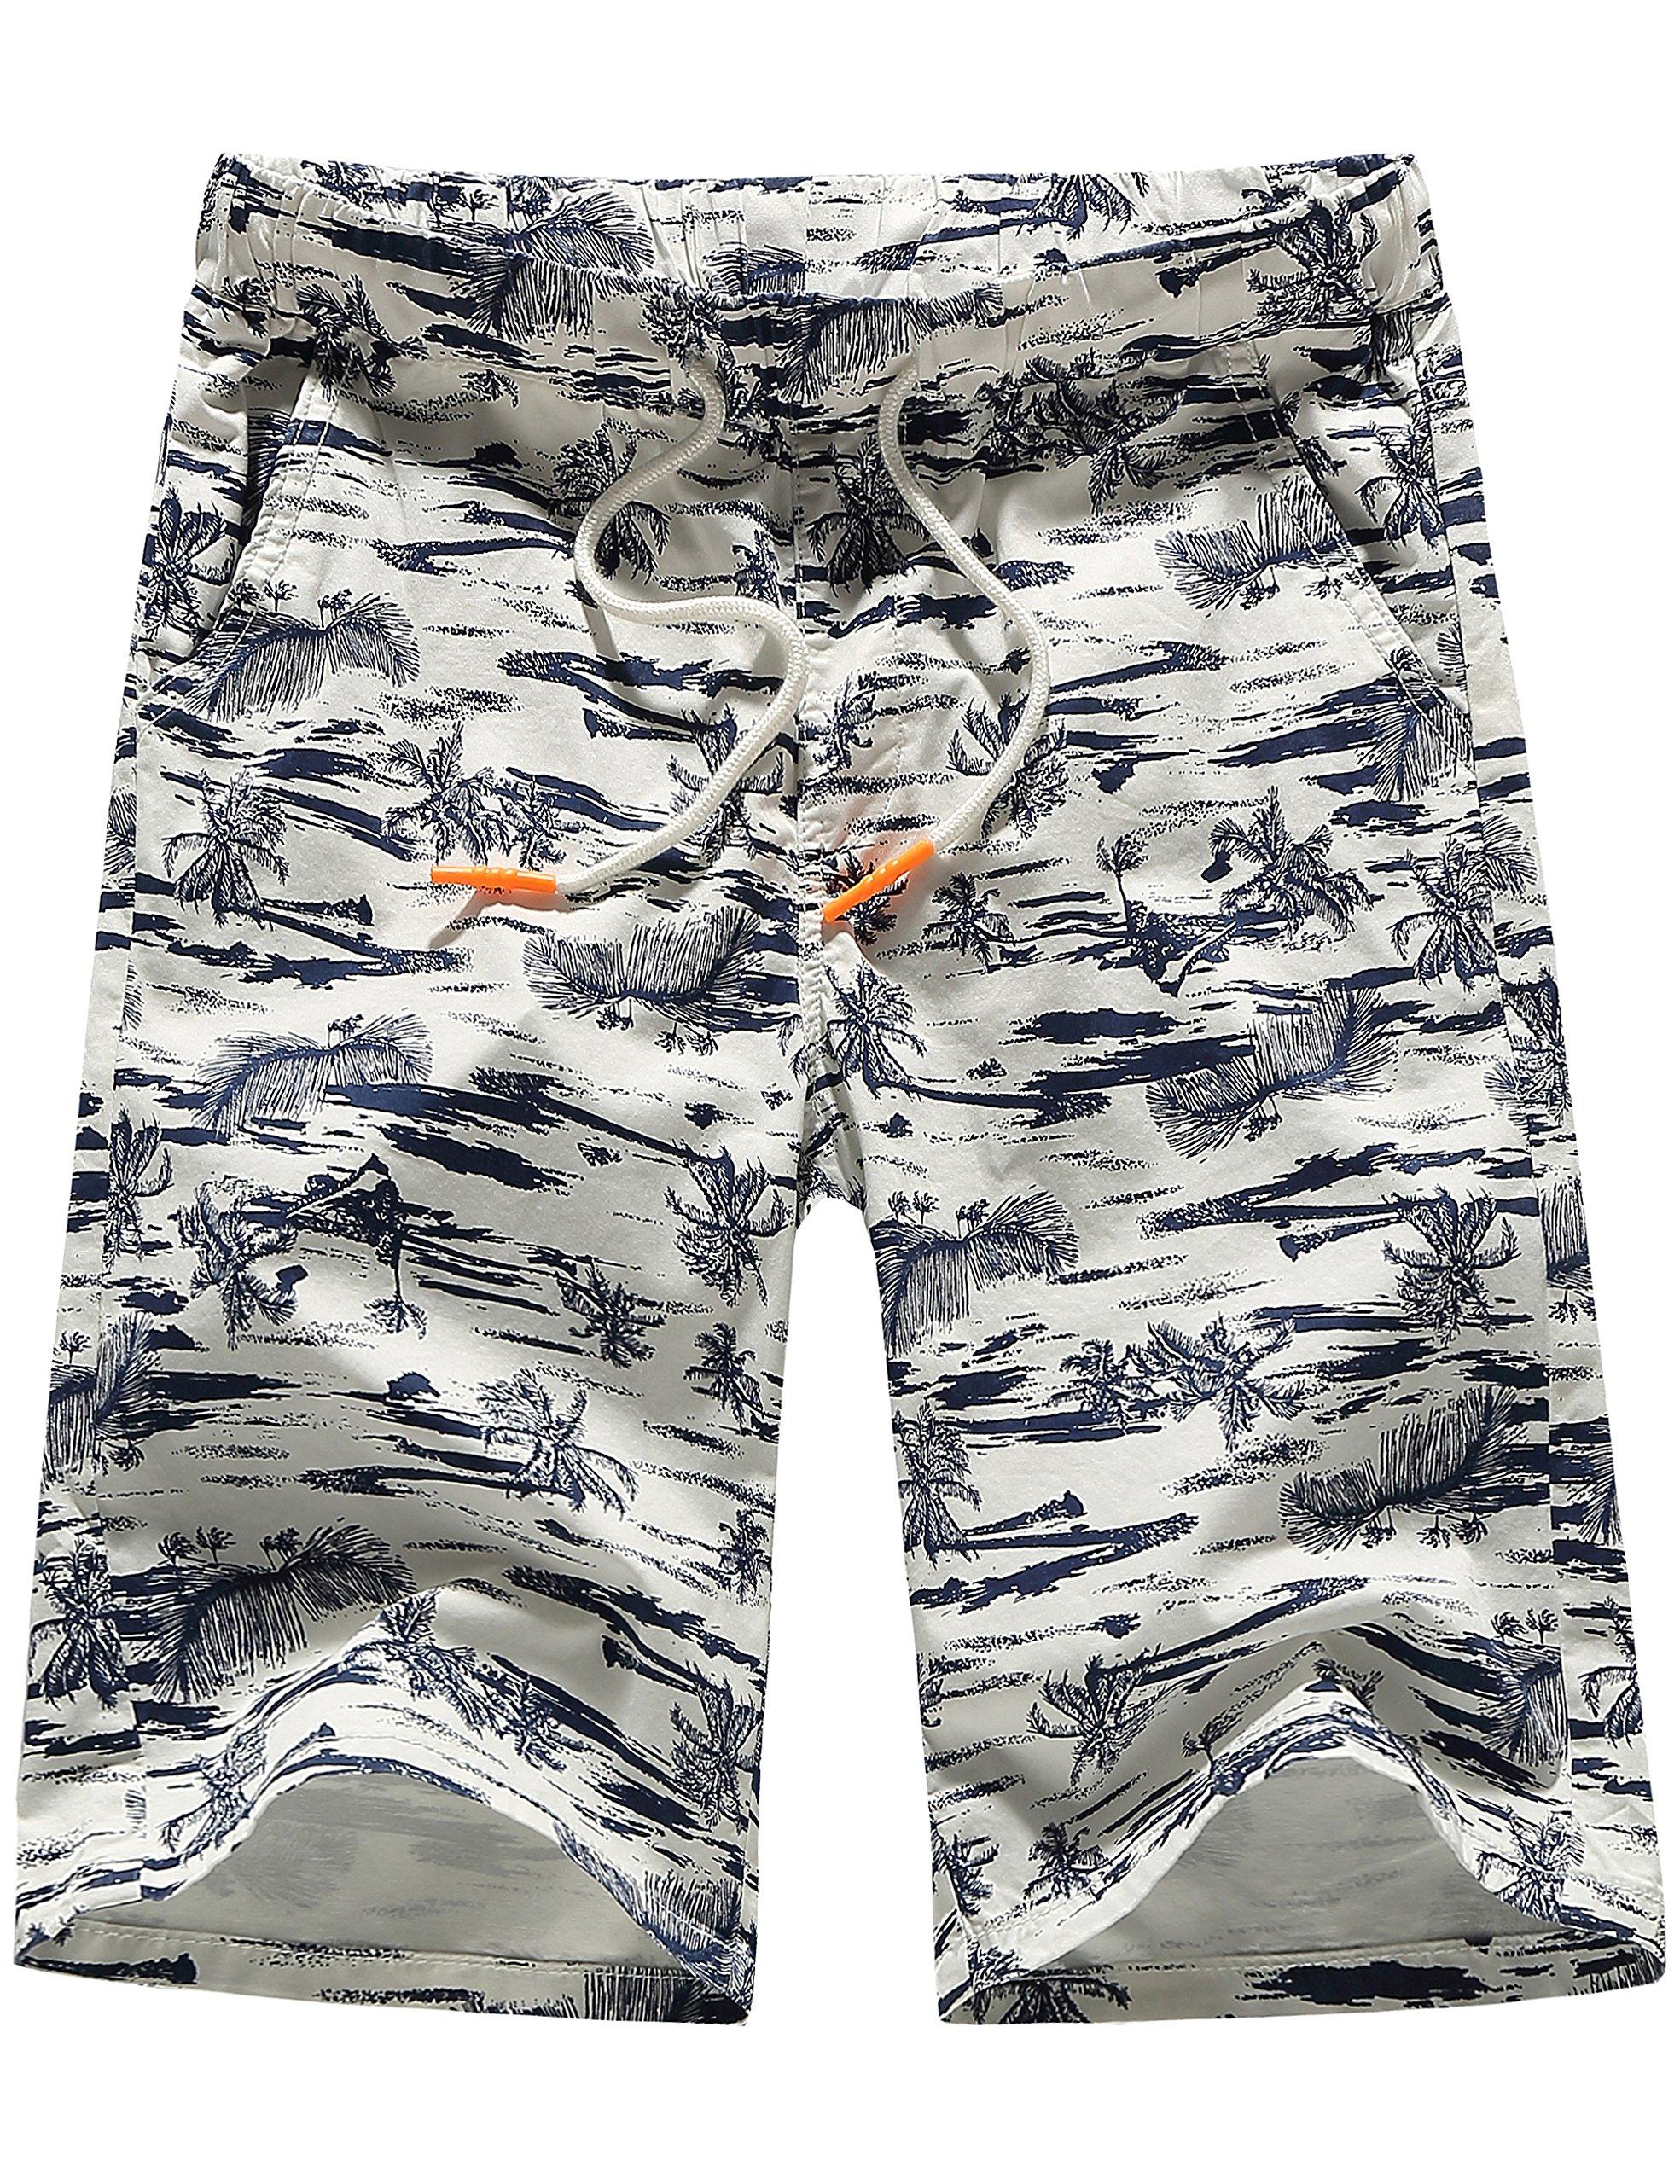 SSLR Men's Flat Front Hawaiian Casual Drawstring Board Shorts (34, White) by SSLR (Image #1)